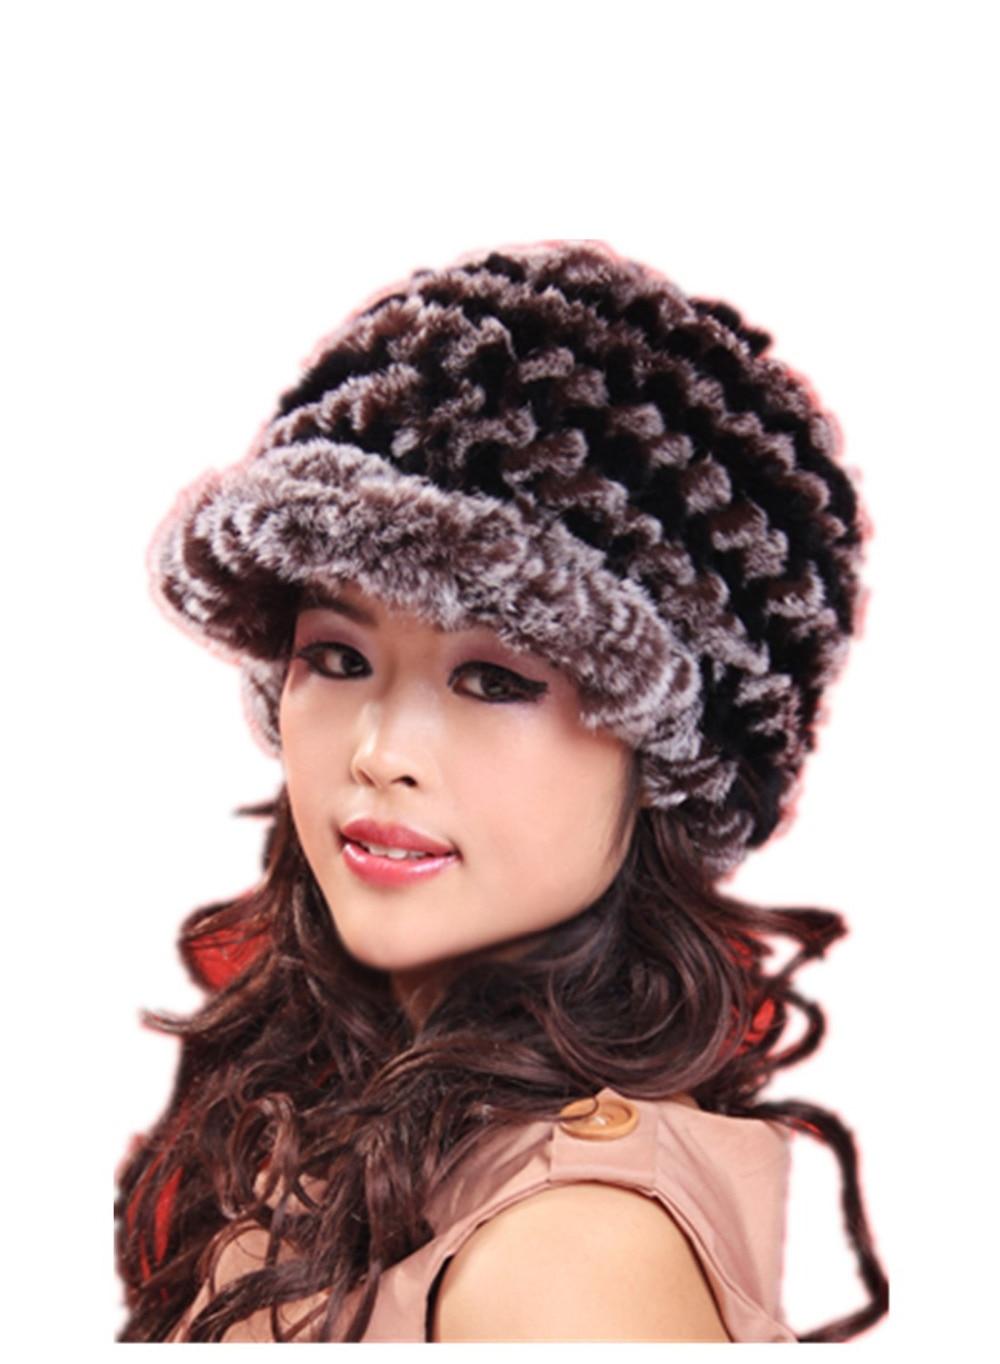 fur hat for women autumn and winter black red fashion warm knitted  natural rex rabbit  H901Îäåæäà è àêñåññóàðû<br><br>